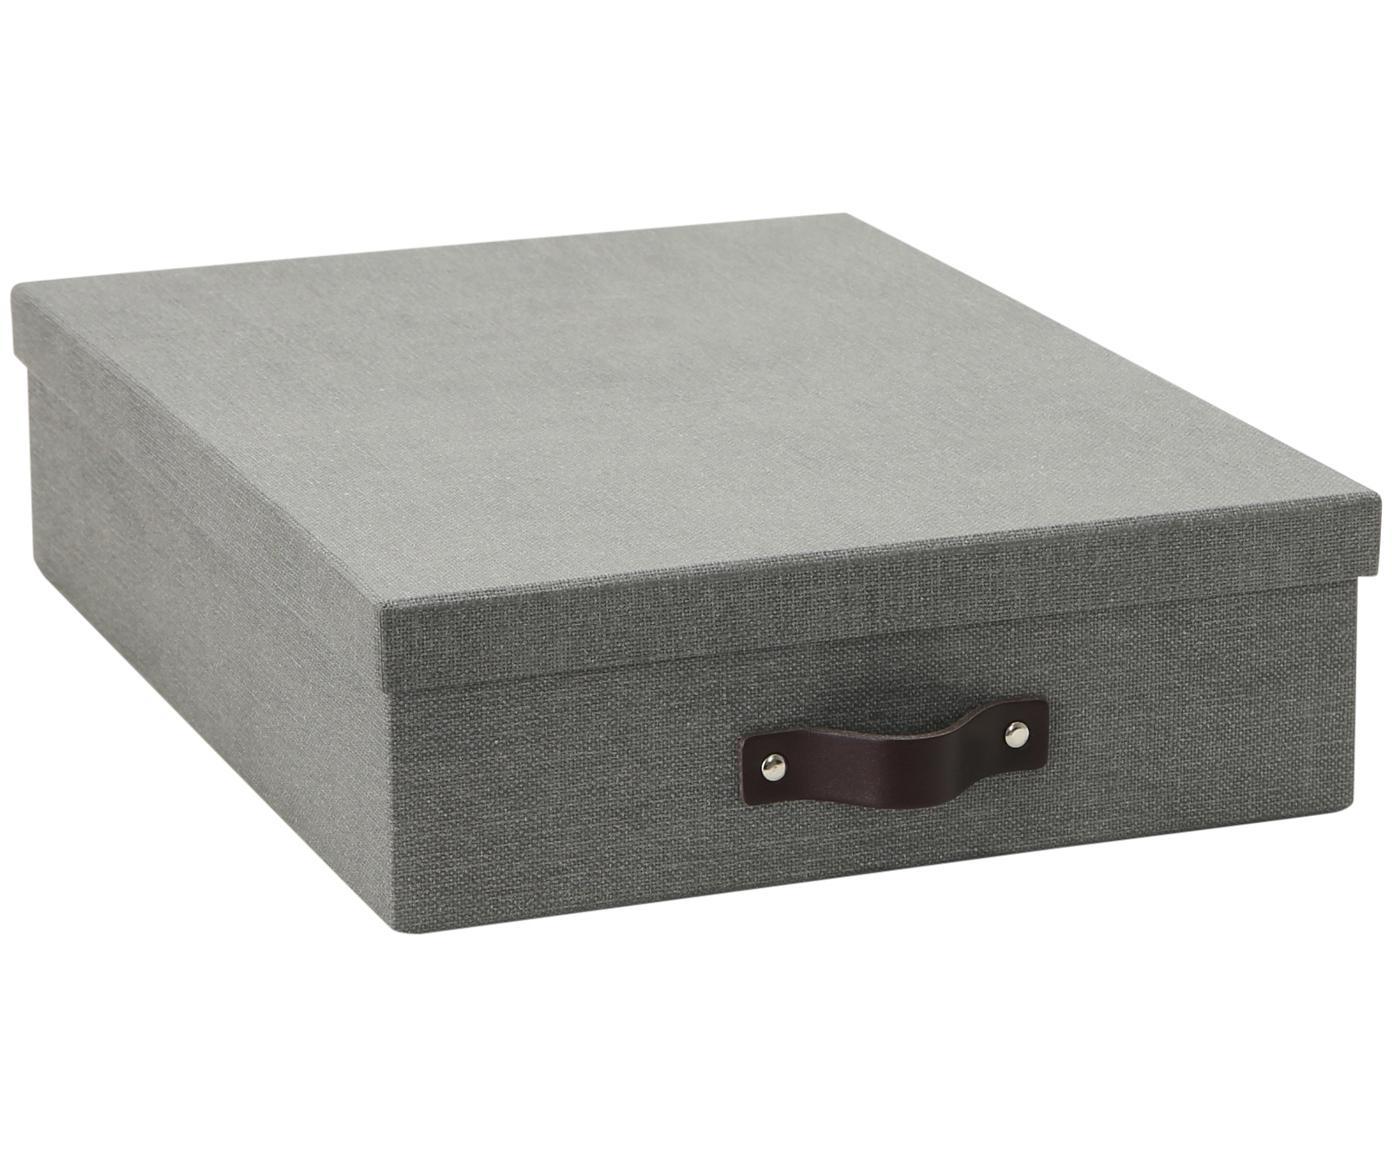 Opbergdoos Oskar II, Doos: massief linnenkarton, Doos buitenzijde: grijs. Doos binnenzijde: zwart. Handvat: donkerbruin, 26 x 9 cm